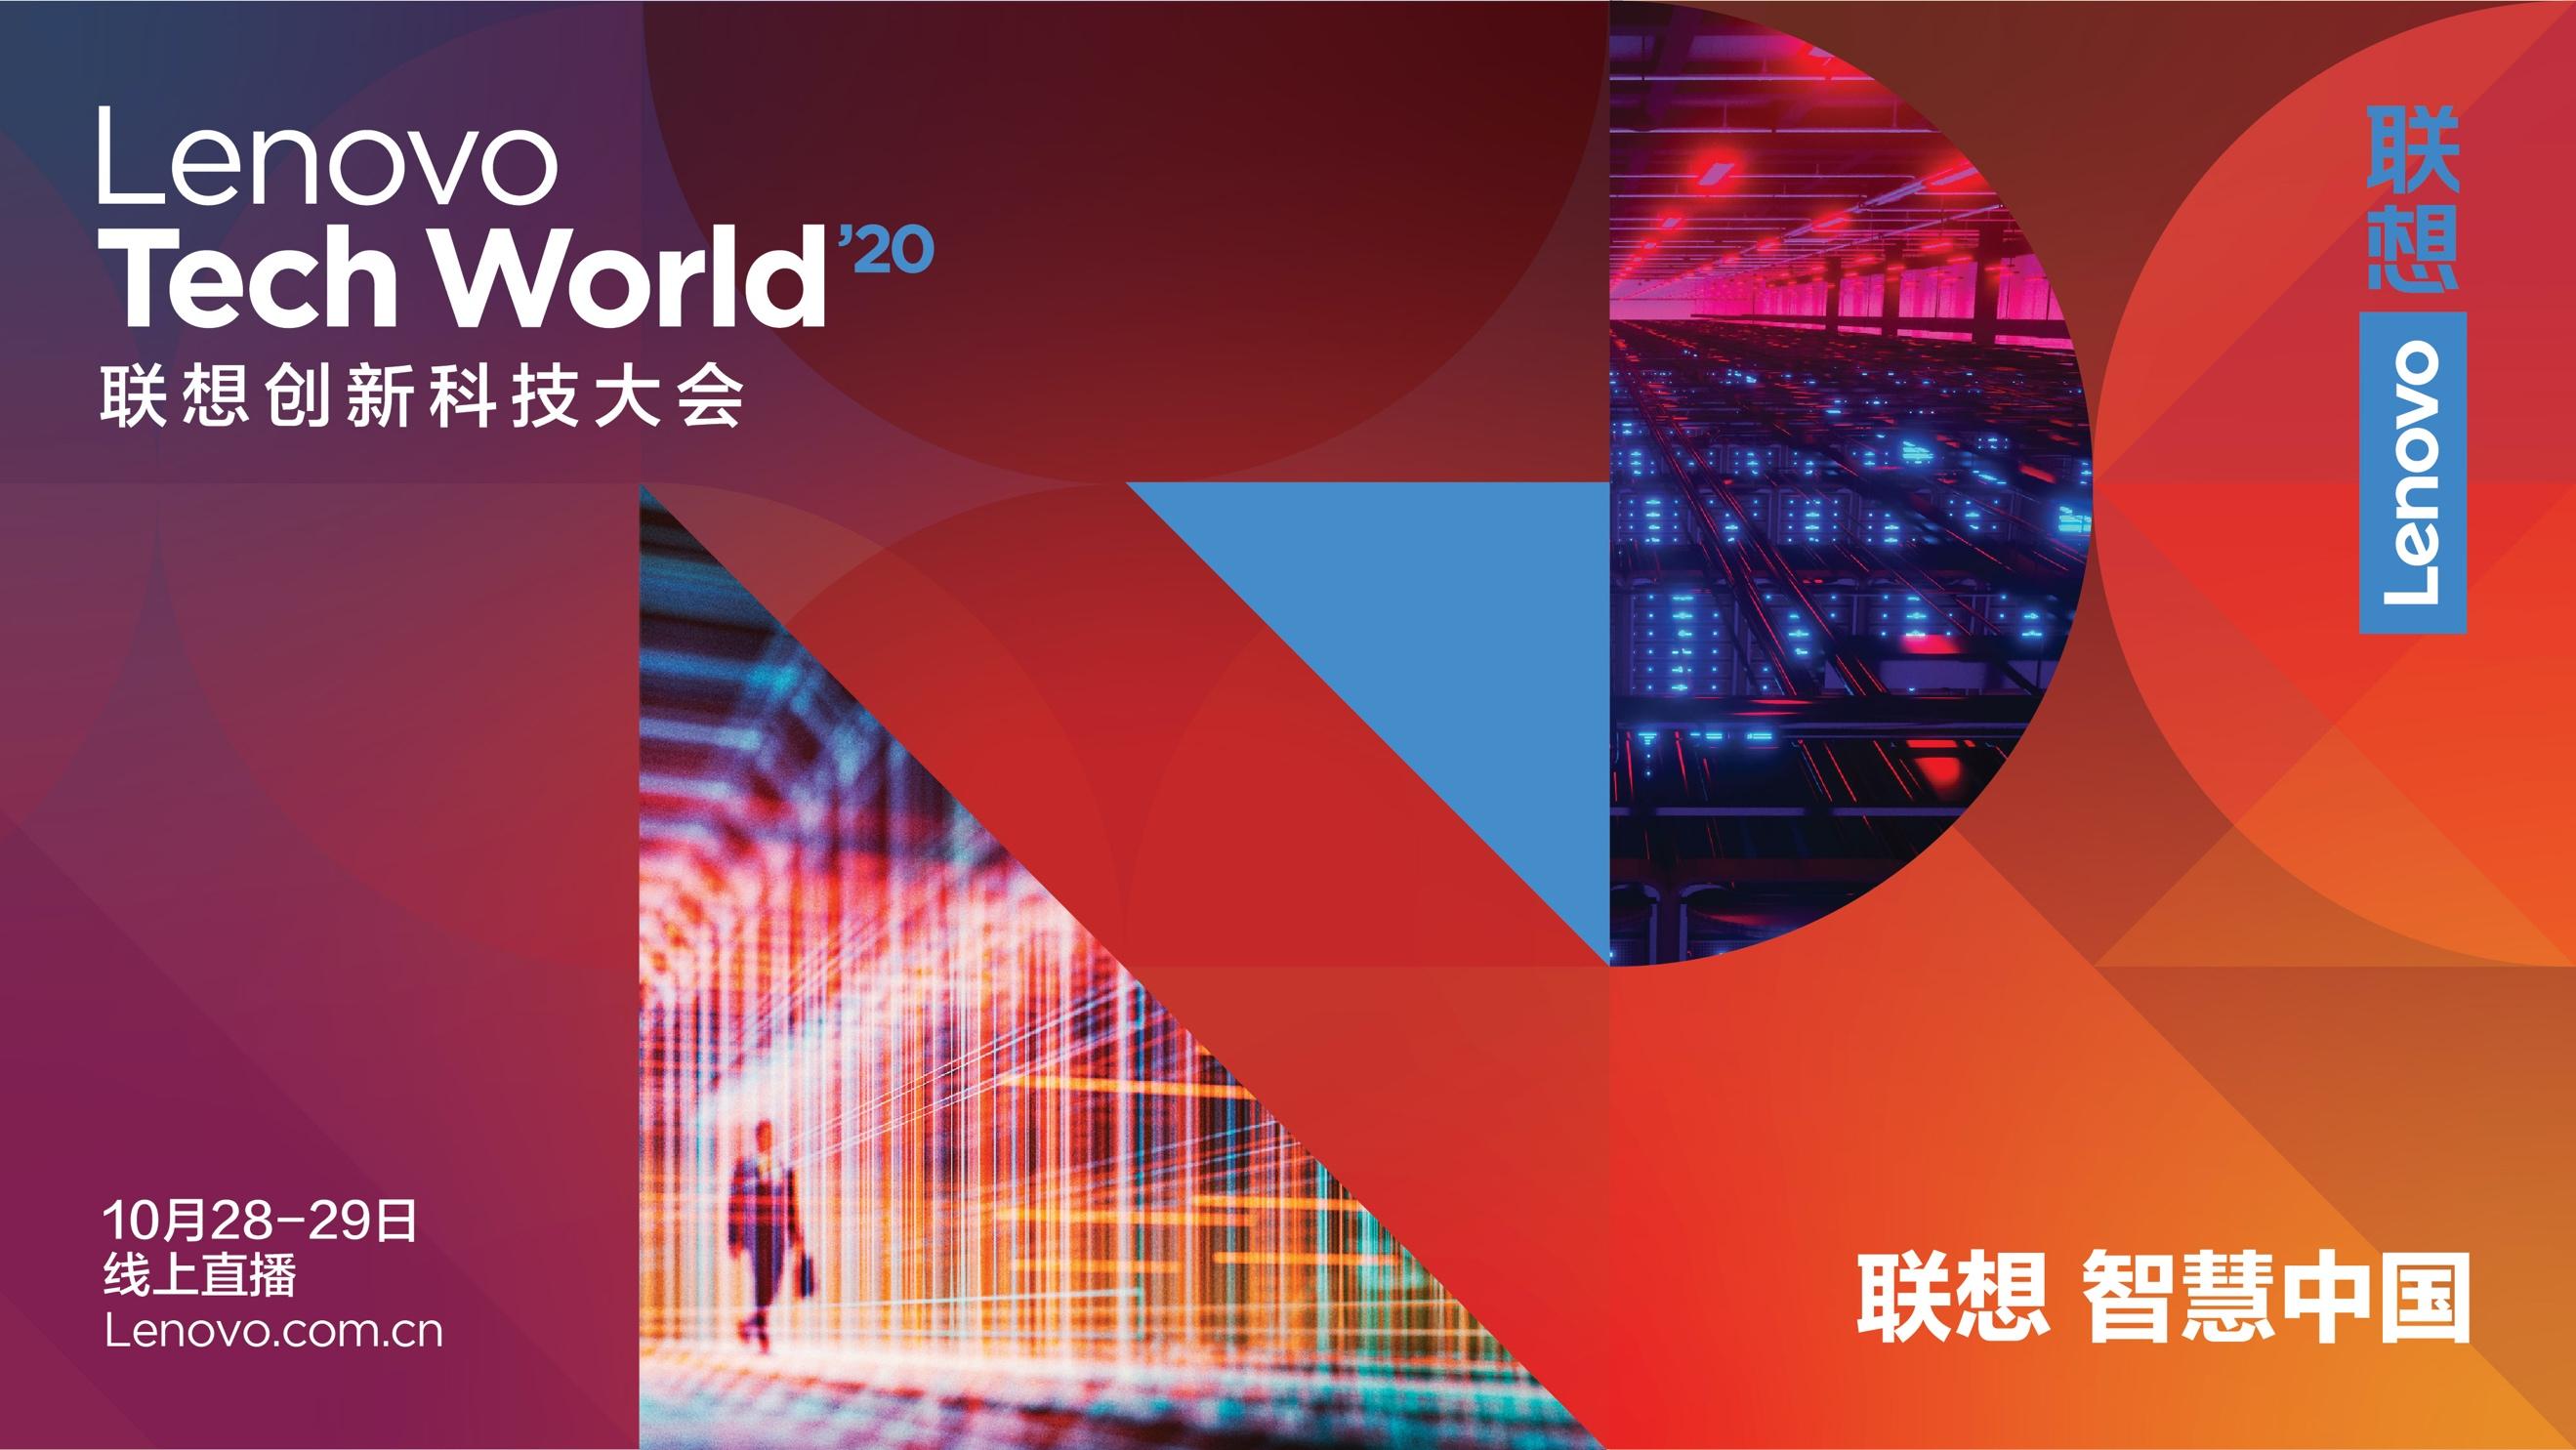 首届线上直播版联想创新科技大会来袭 刘军会曝出哪些重磅信息?